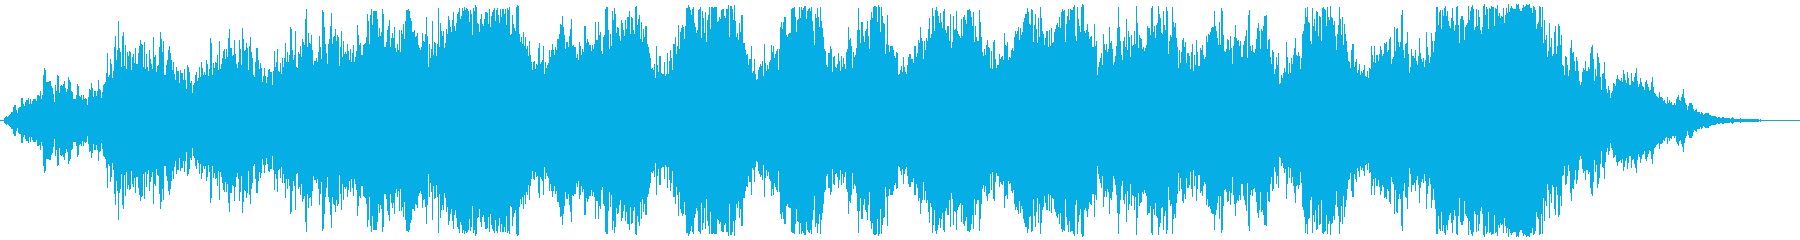 アンビエント 瞑想 ぼんやり バグパイプの再生済みの波形